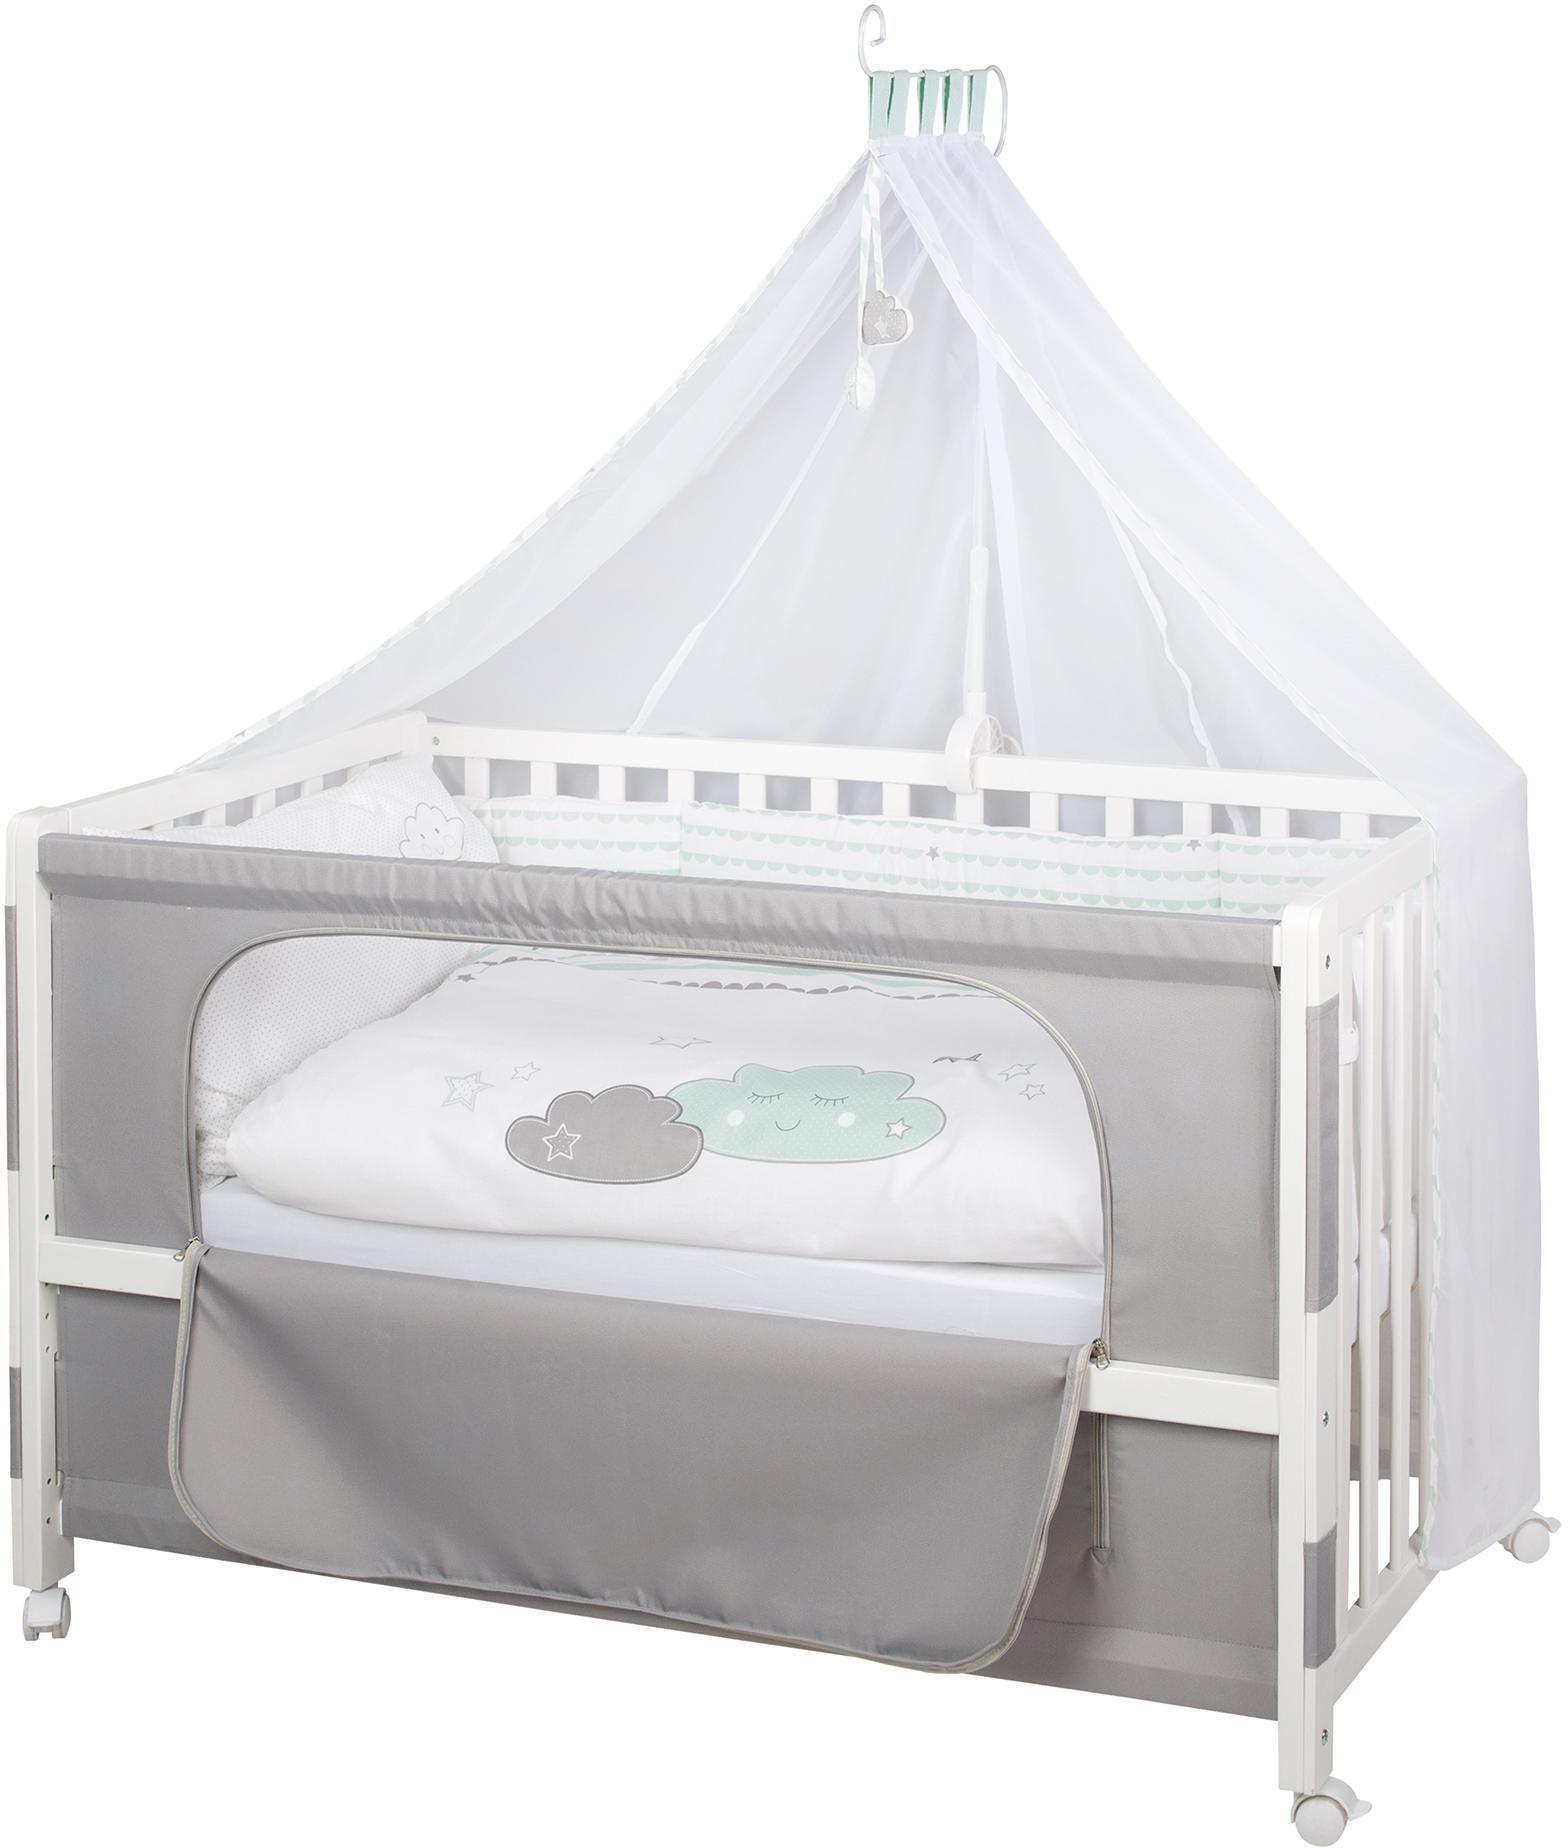 Roba Kinderbett , »Room Bed, Happy Cloud«